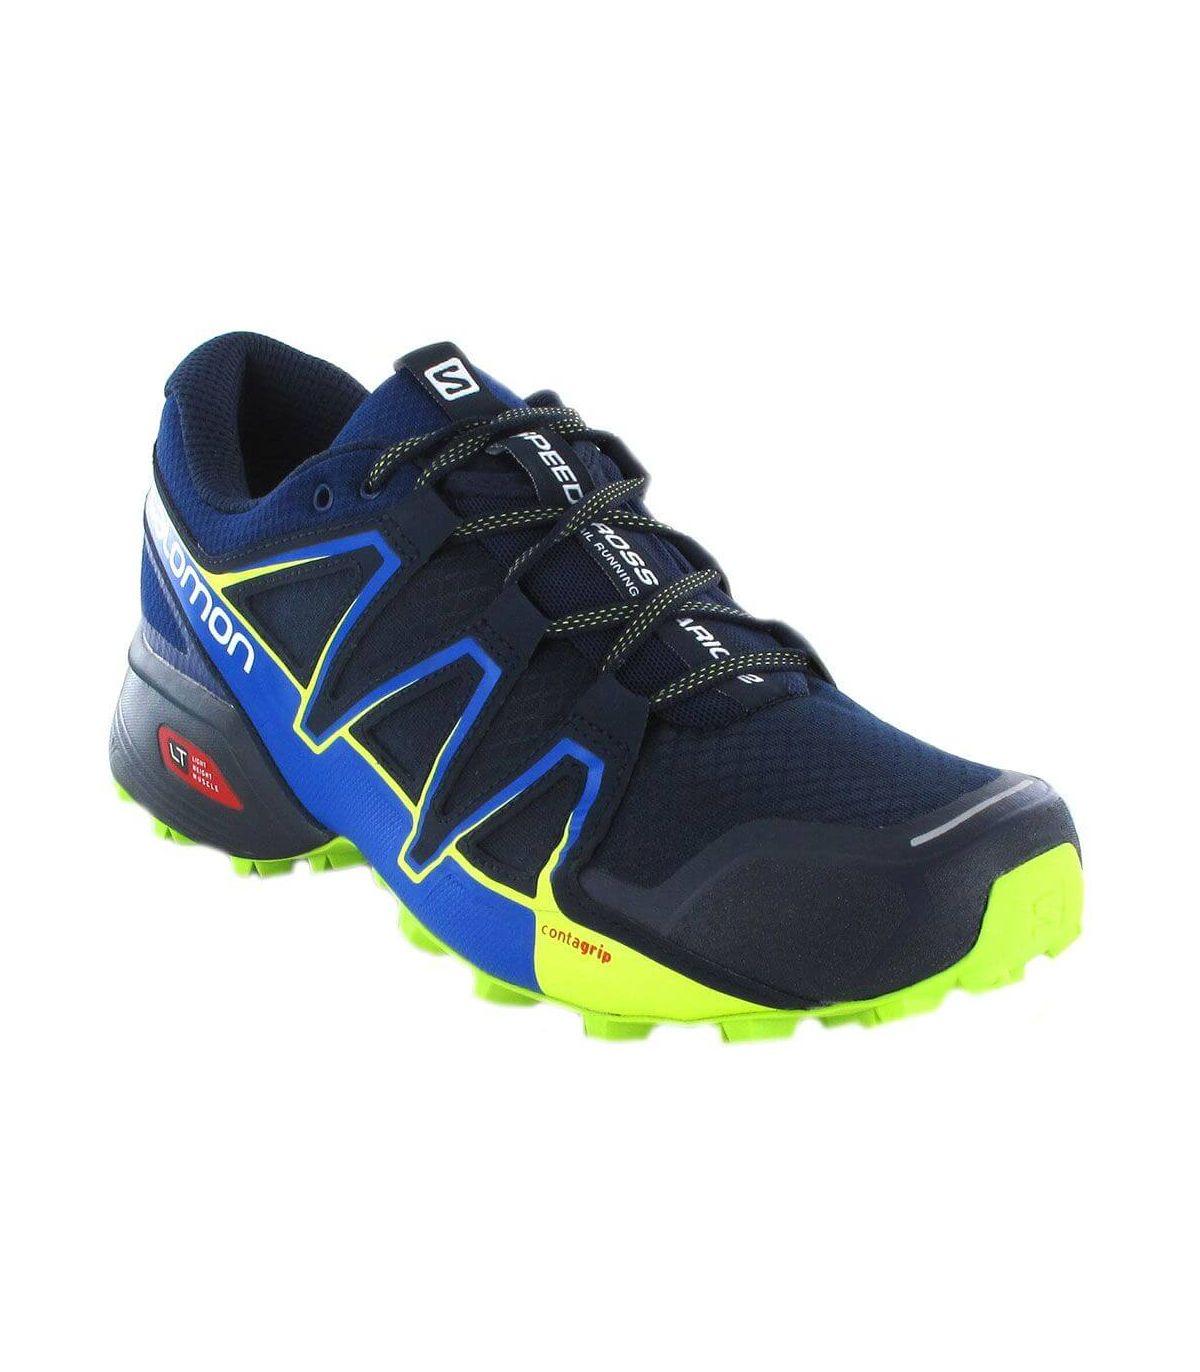 Salomon Speedcross Vario 2 Azul Salomon Zapatillas Trail Running Hombre Zapatillas Trail Running Tallas: 46 2/3; Color: